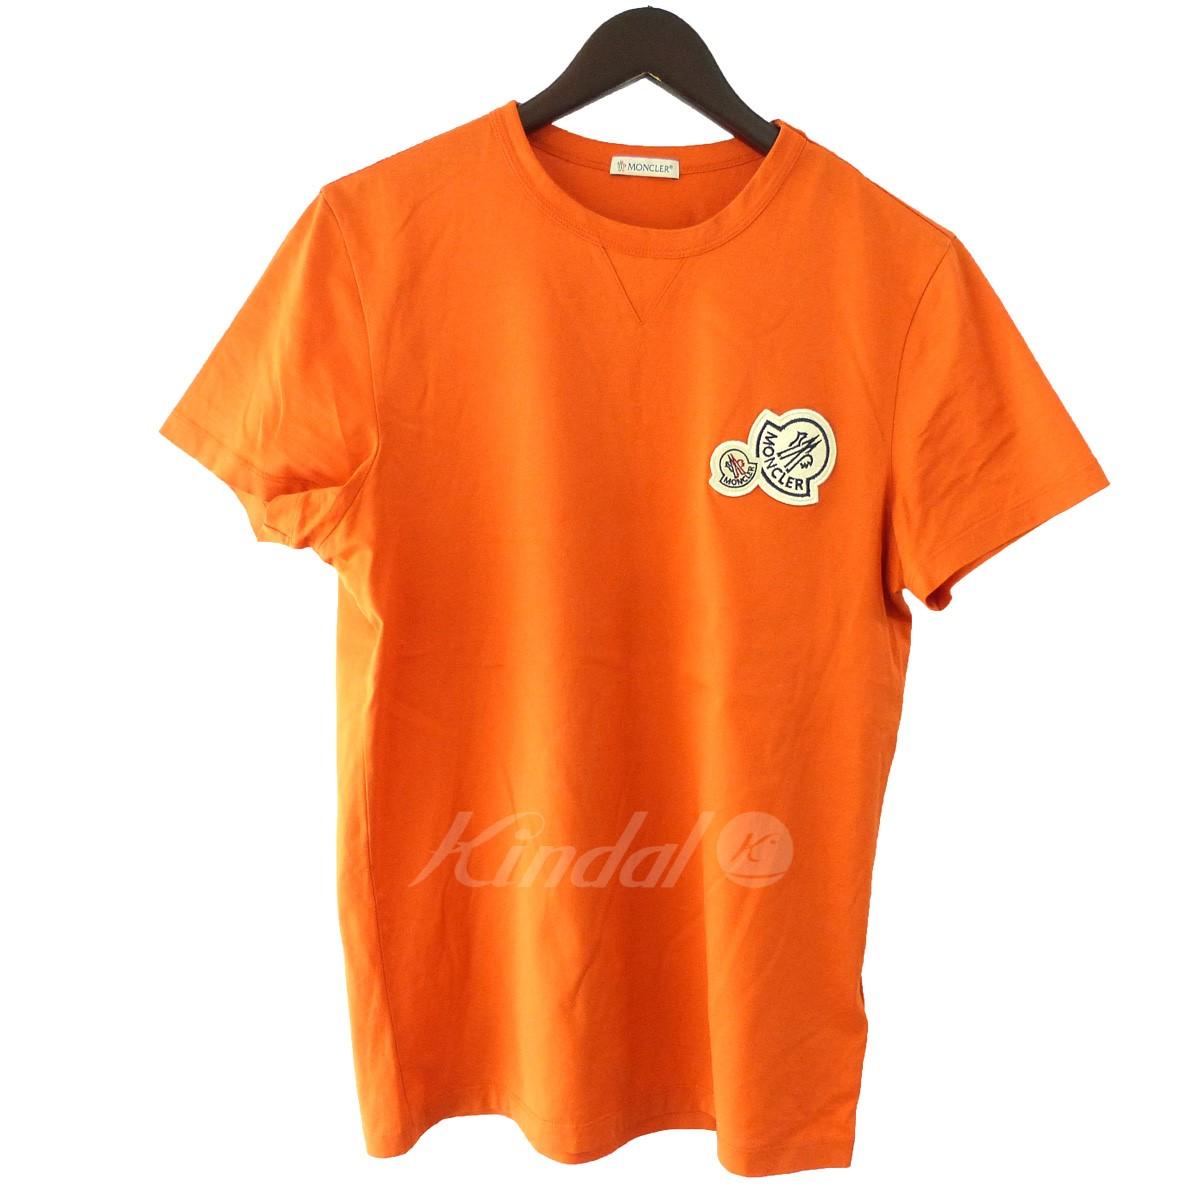 【中古】MONCLER 「MAGLIA T-SHIRT」ワンポイントTシャツ オレンジ サイズ:S 【150519】(モンクレール)